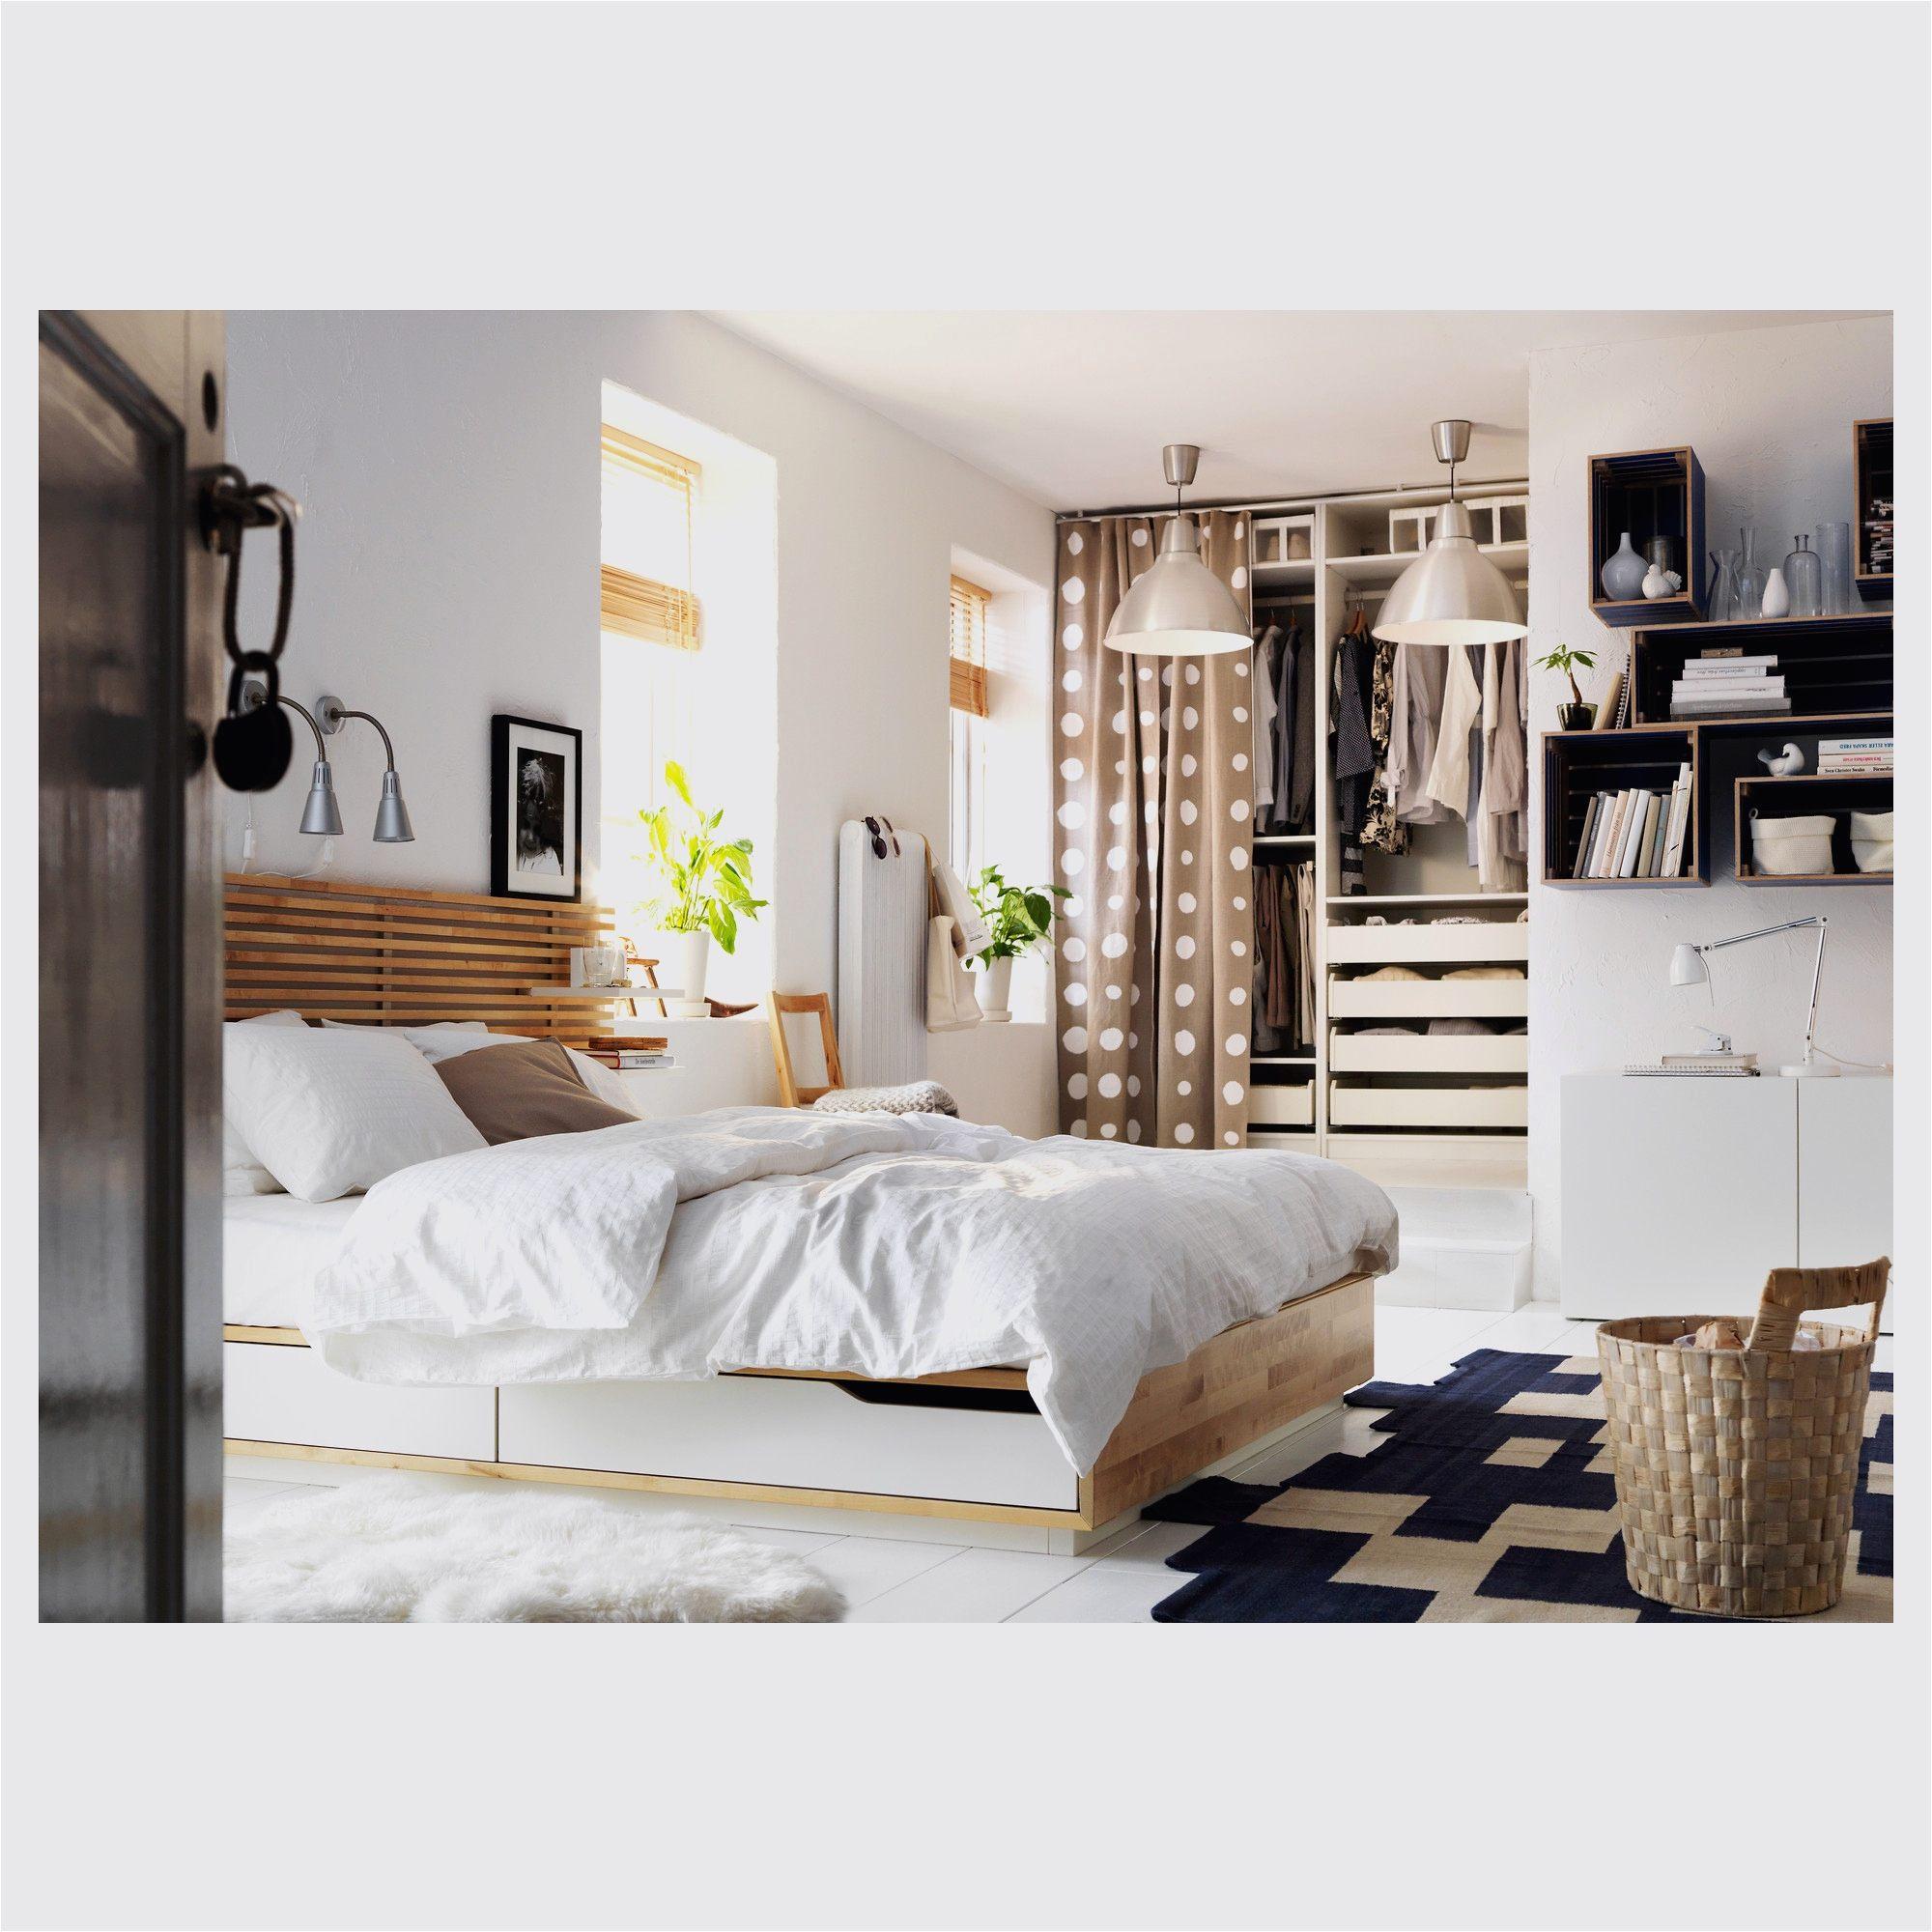 Paravent Tete De Lit Magnifique Tete De Lit Paravent Beau Tete De Lit 180 Cm Ikea Inspirant Graphie